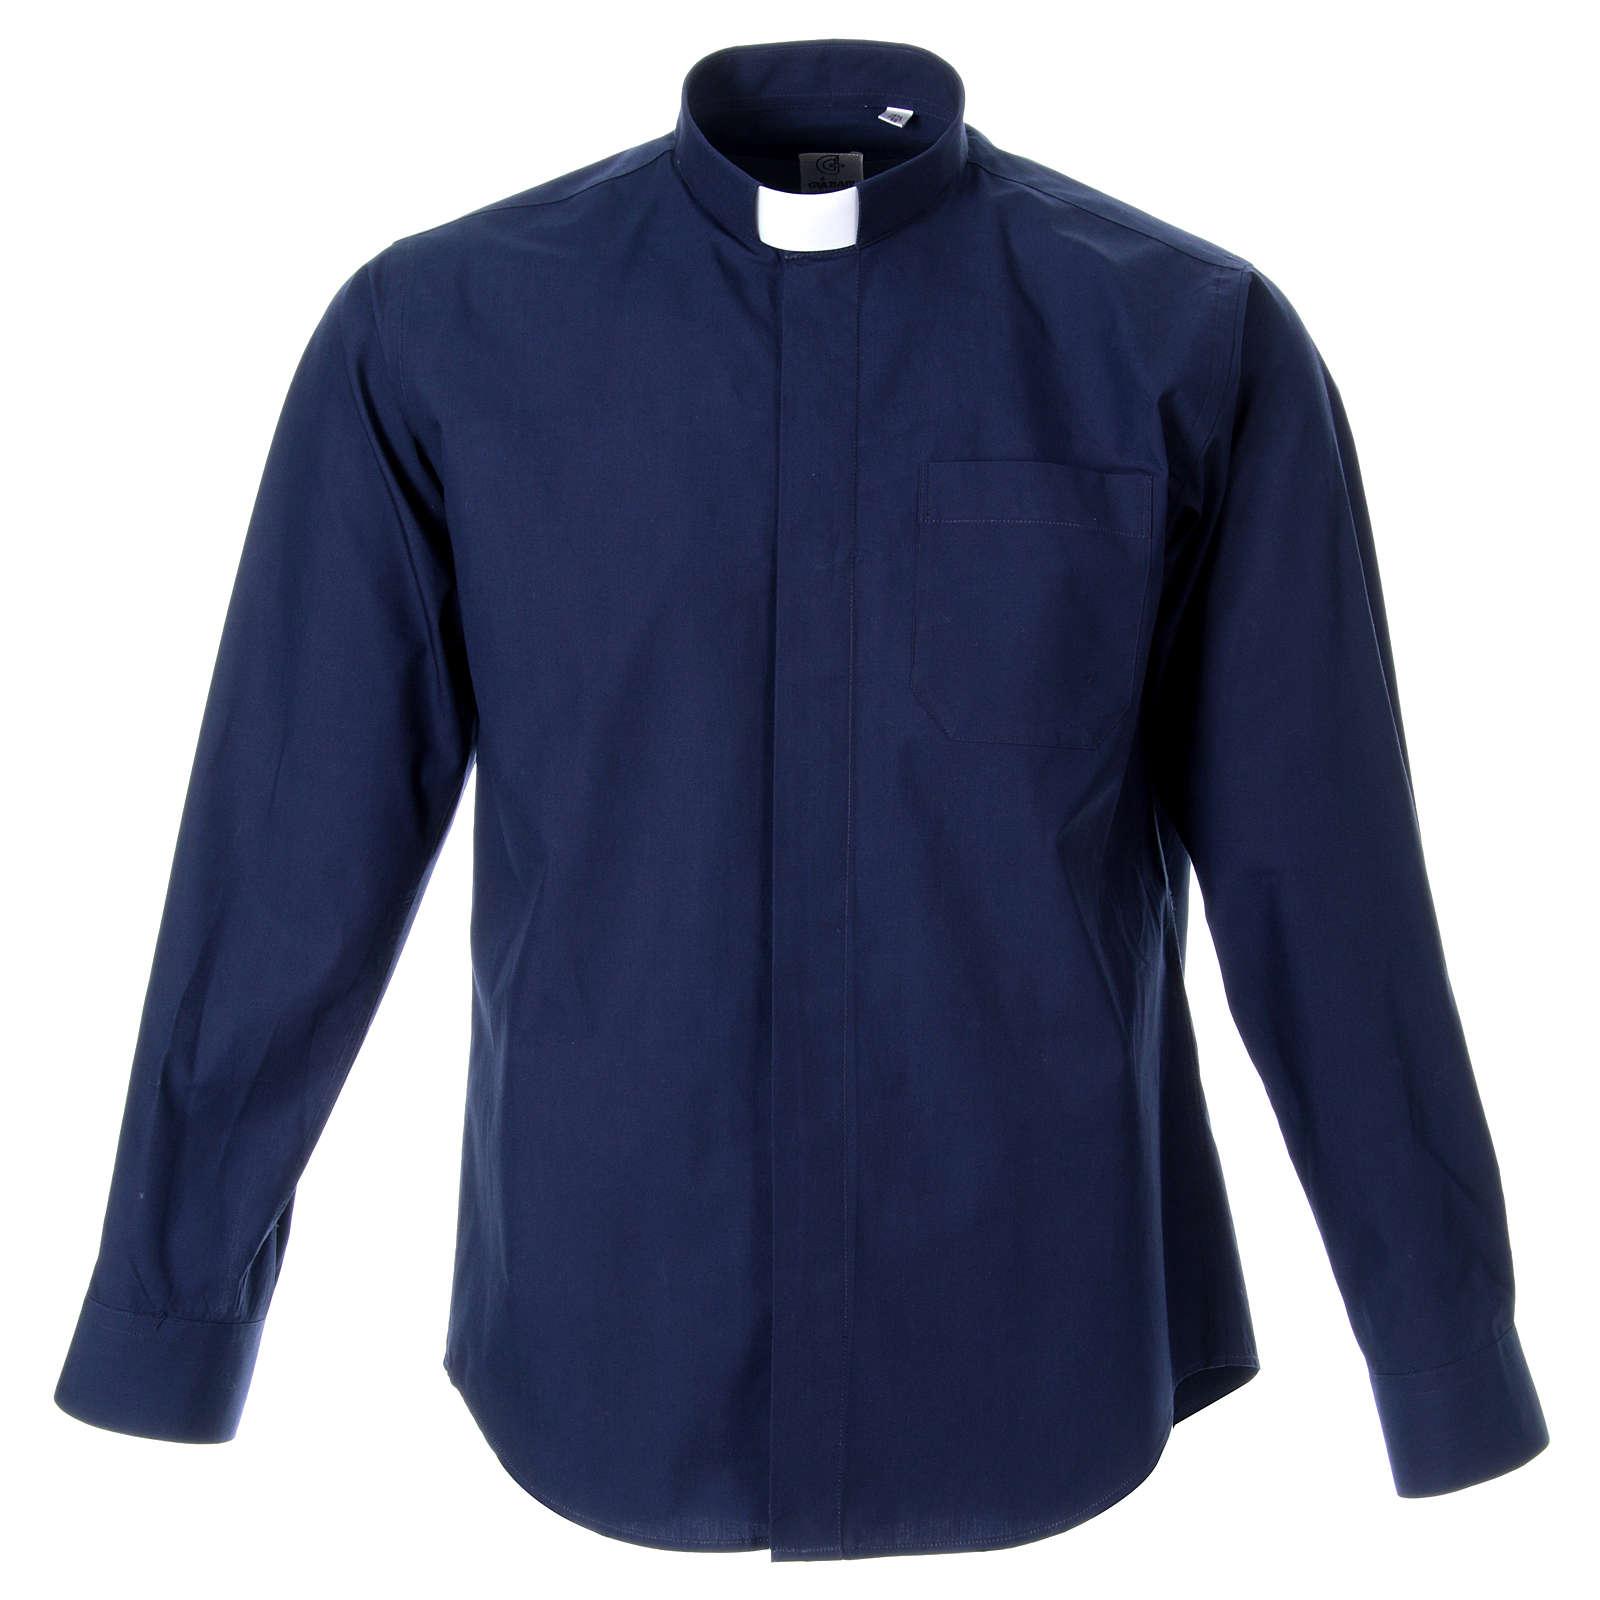 STOCK Koszula kapłańska długi rękaw popelina niebieska 4